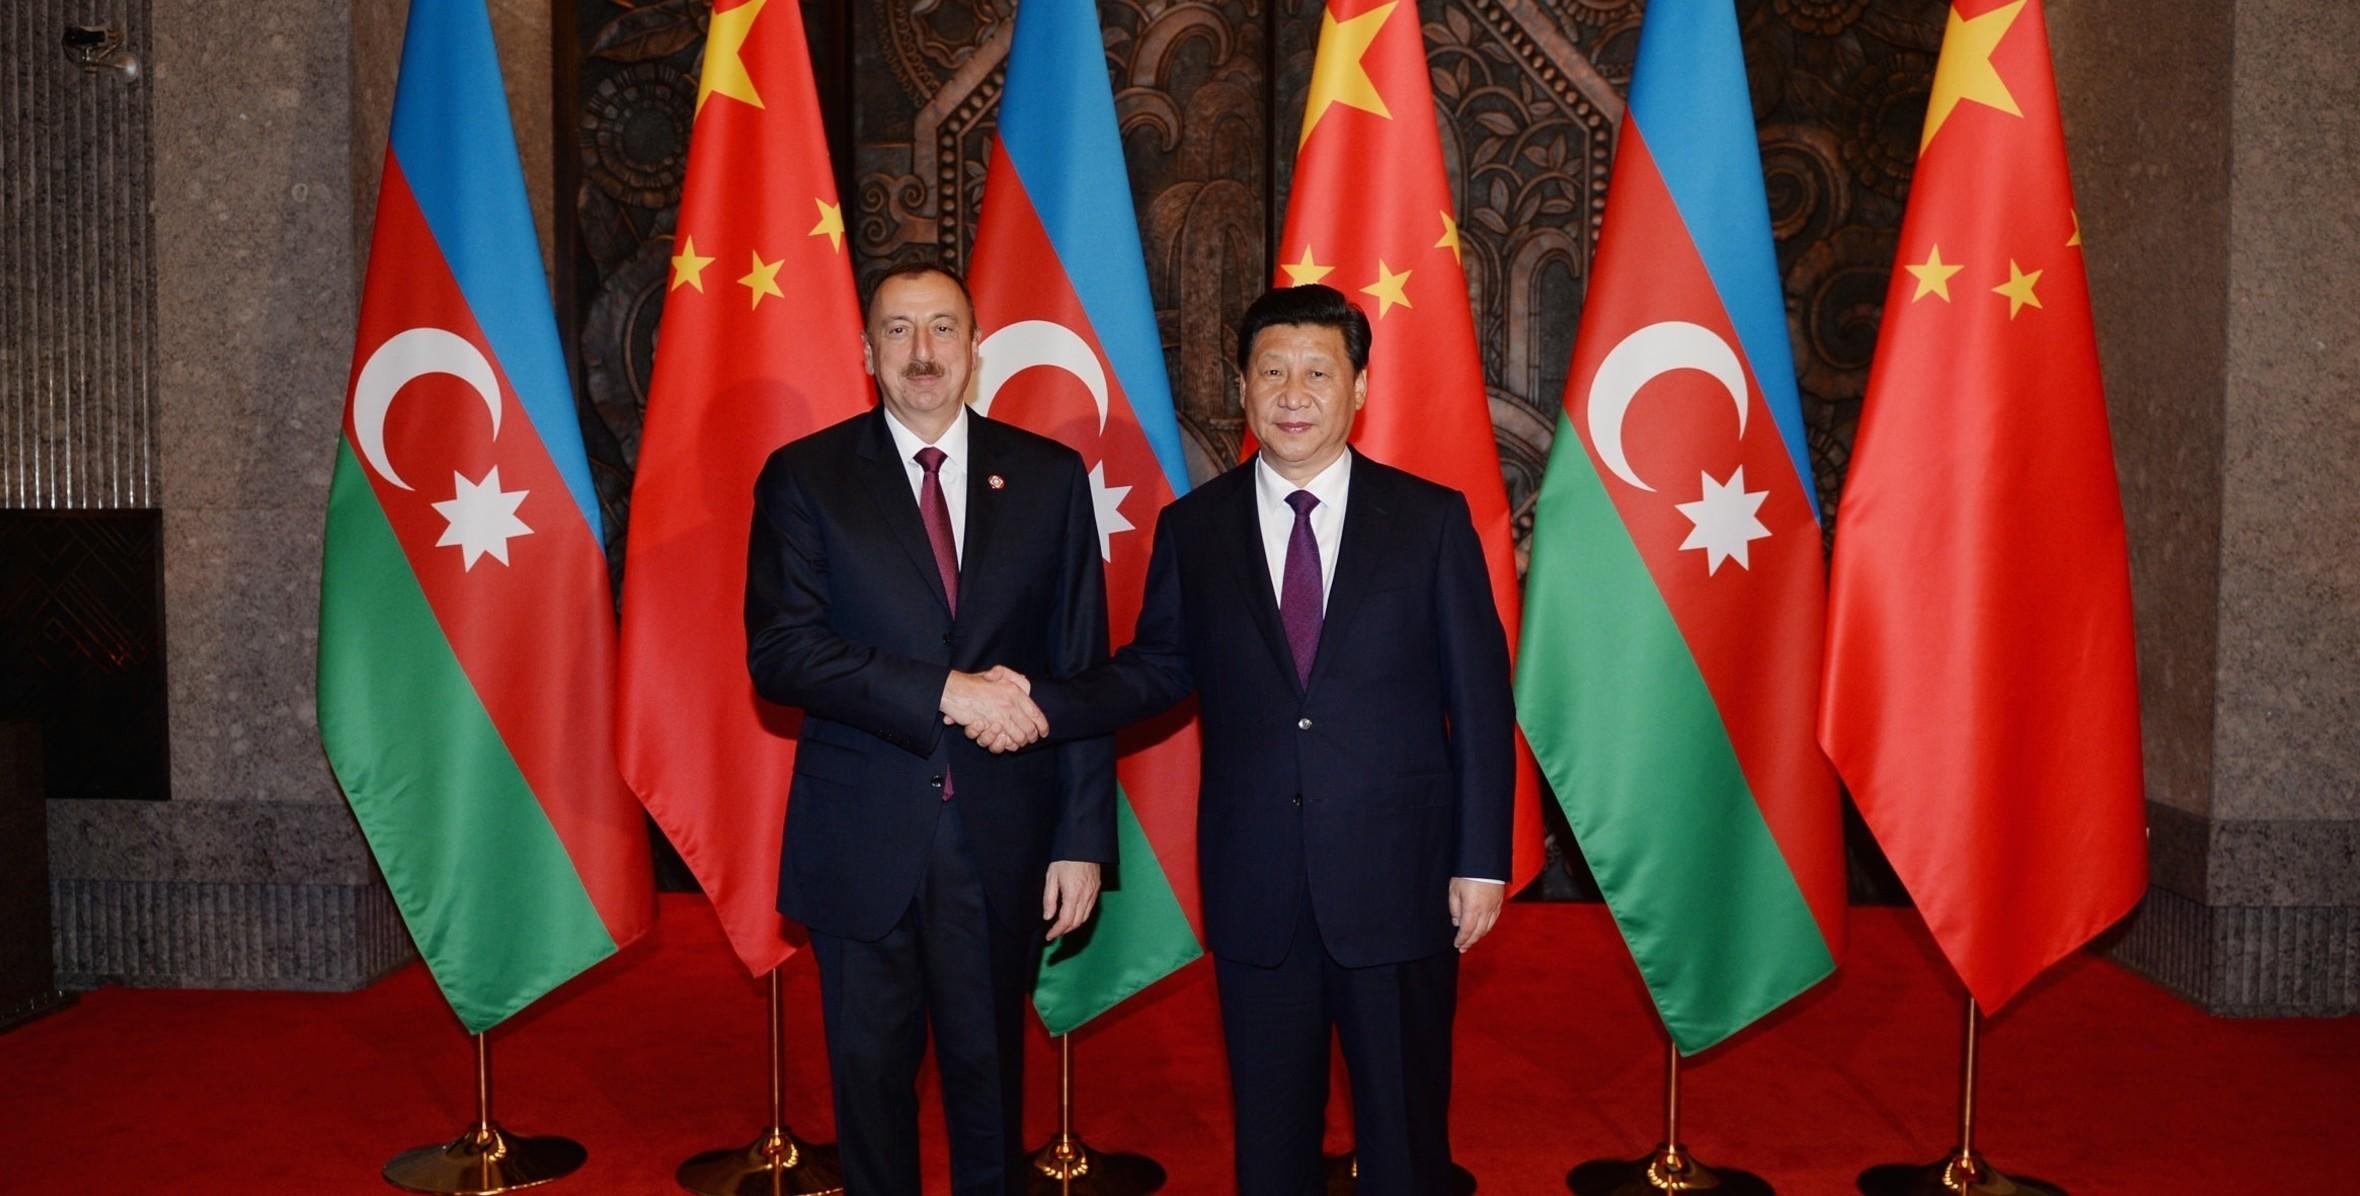 Çin lideri Azərbaycan Prezidentini doğum günü münasibətilə təbrik edib